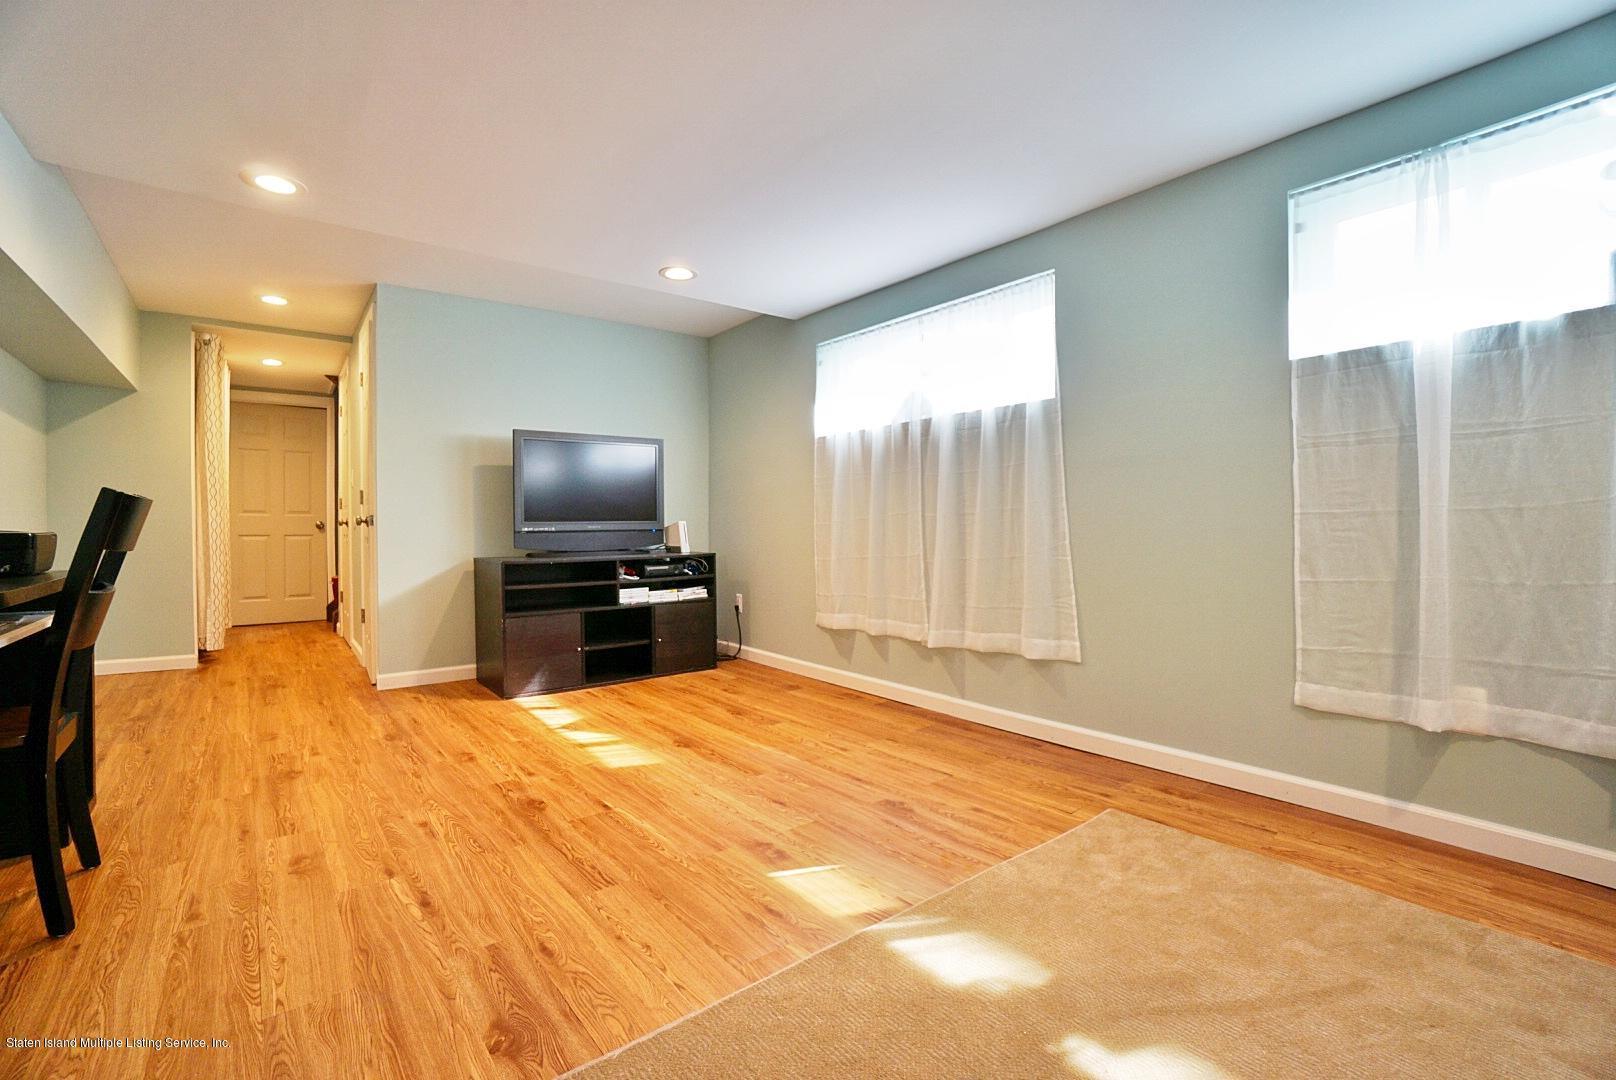 Single Family - Semi-Attached 122 Maybury Avenue  Staten Island, NY 10308, MLS-1128627-21